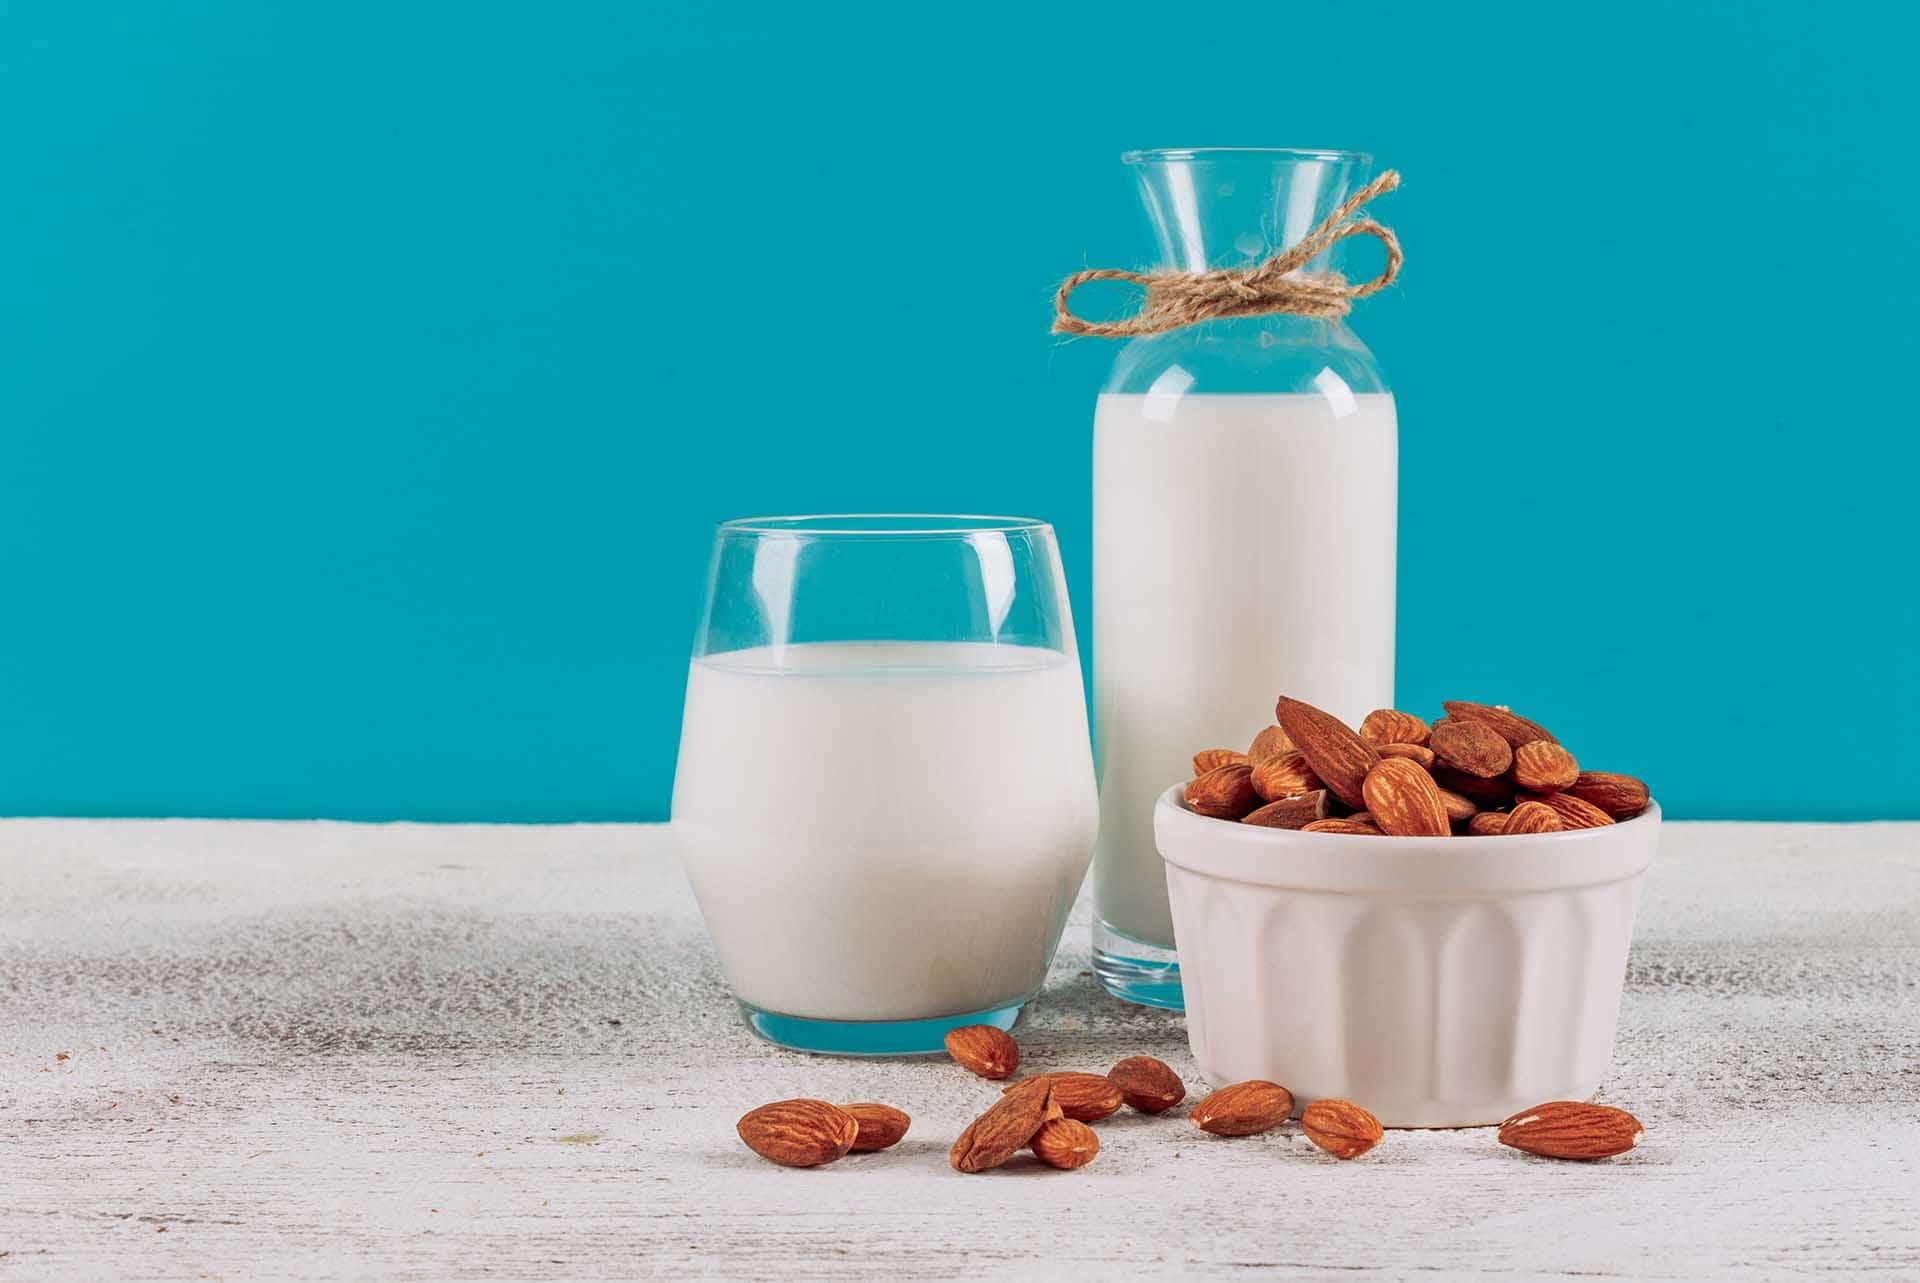 Badem Ve İnek Sütünün Farkları, Hangisi Daha Sağlıklı?